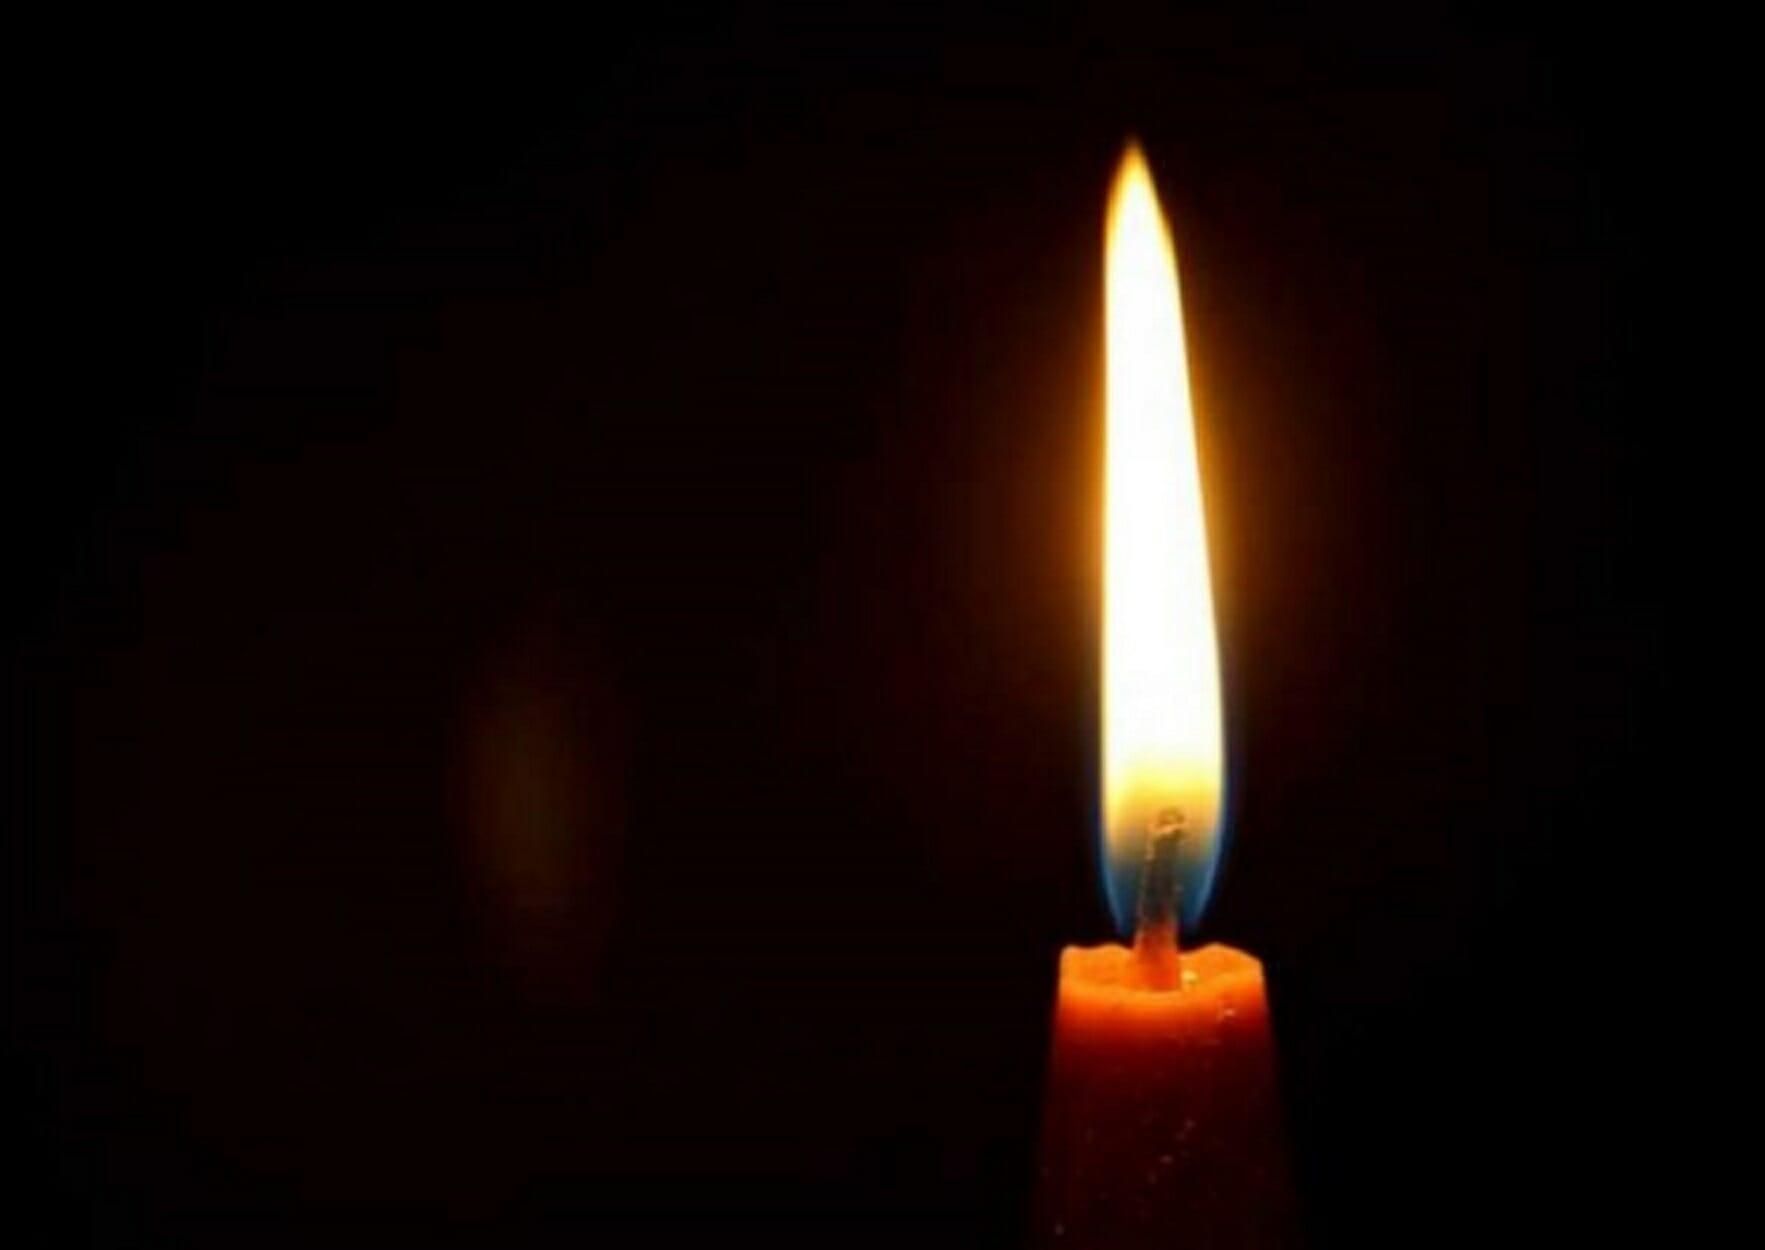 Θρήνος στην Χαλκίδα: Πατέρας τεσσάρων παιδιών πέθανε από κορονοϊό